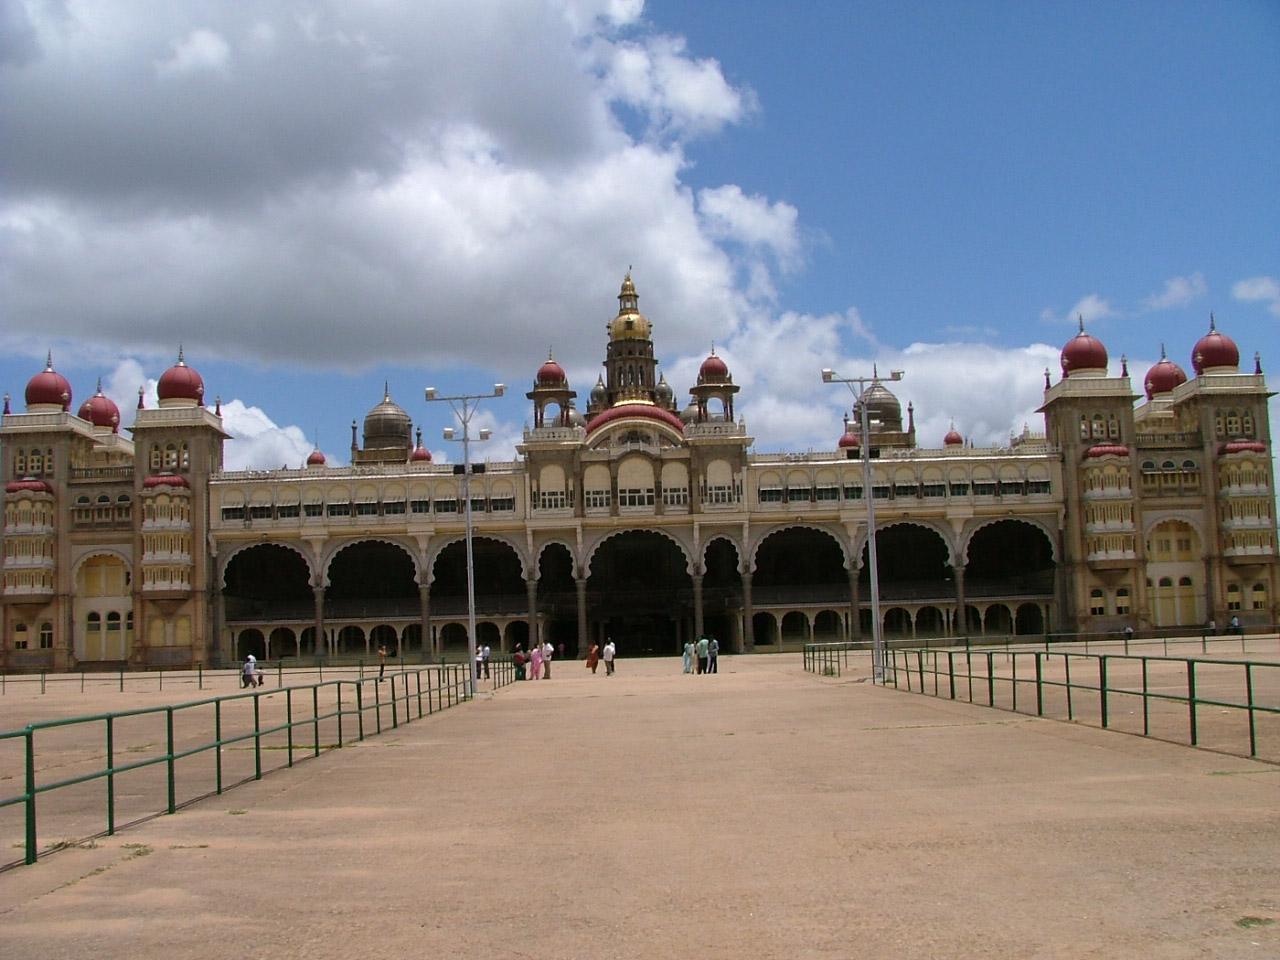 Ambavilas Palace